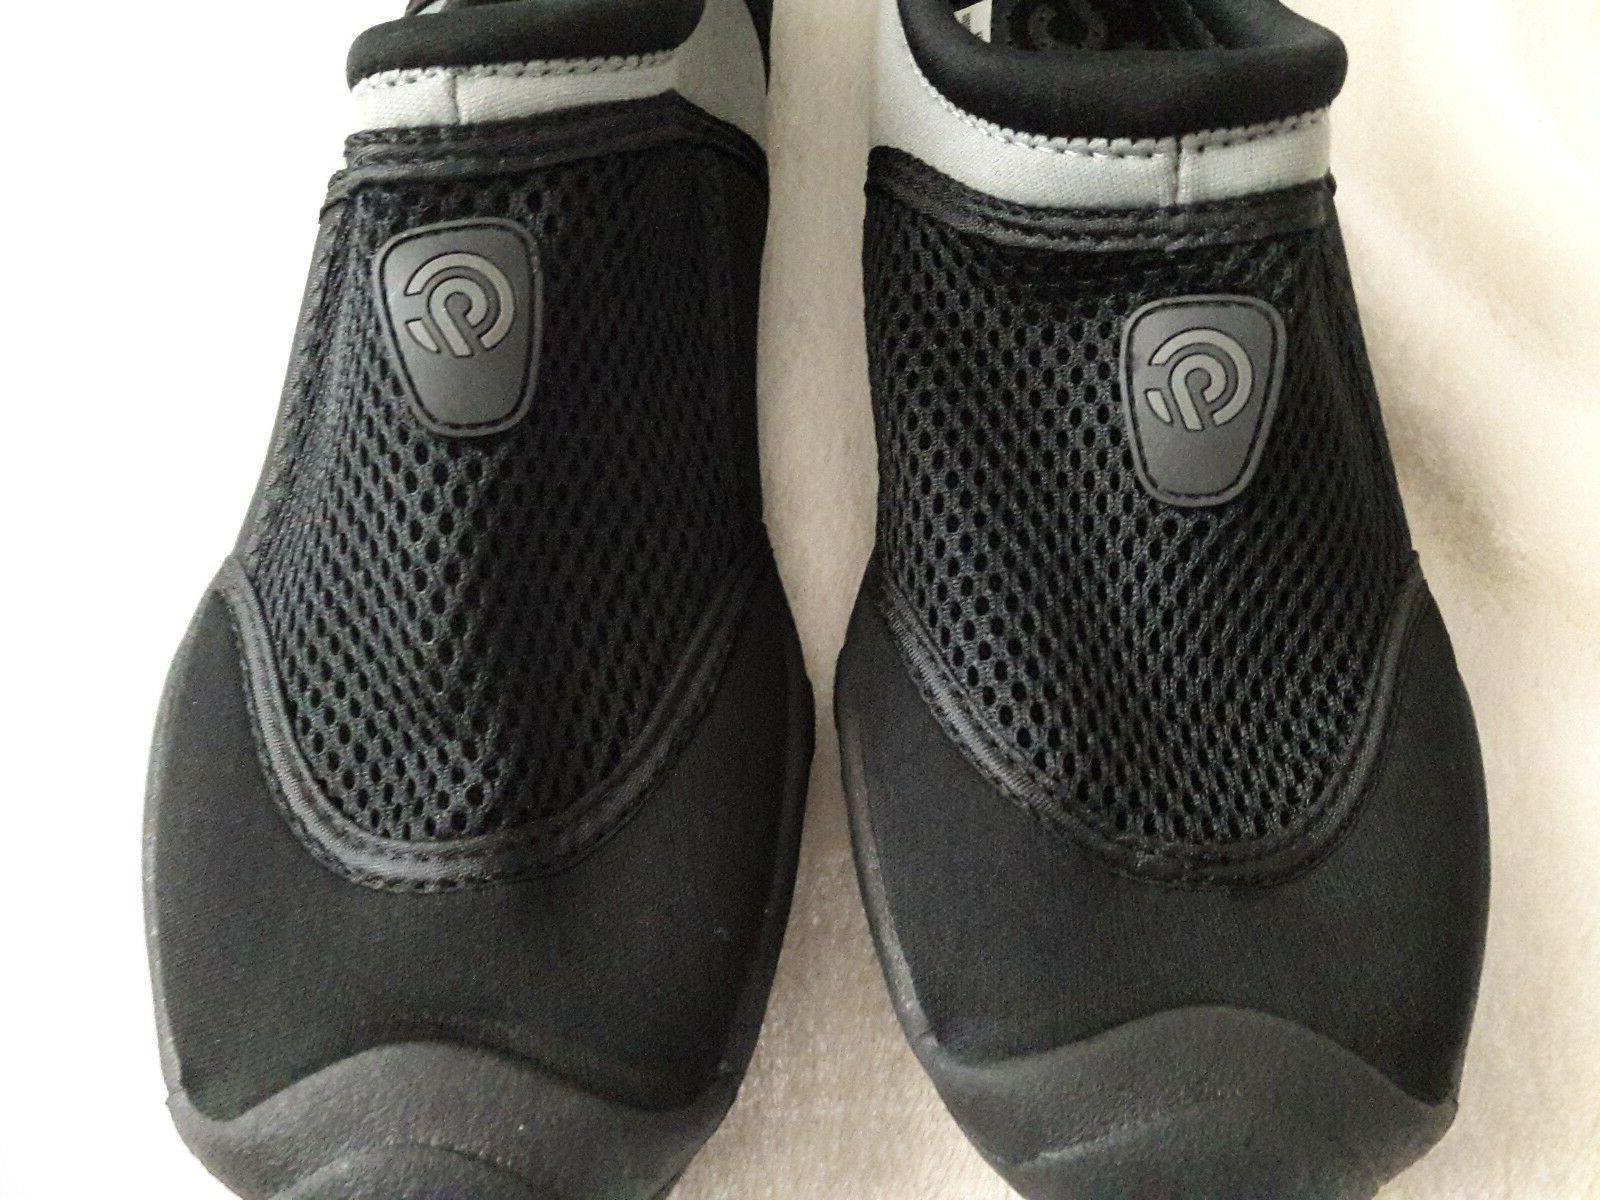 Men's Titus Water Shoes C9 Champion M 9-10 US